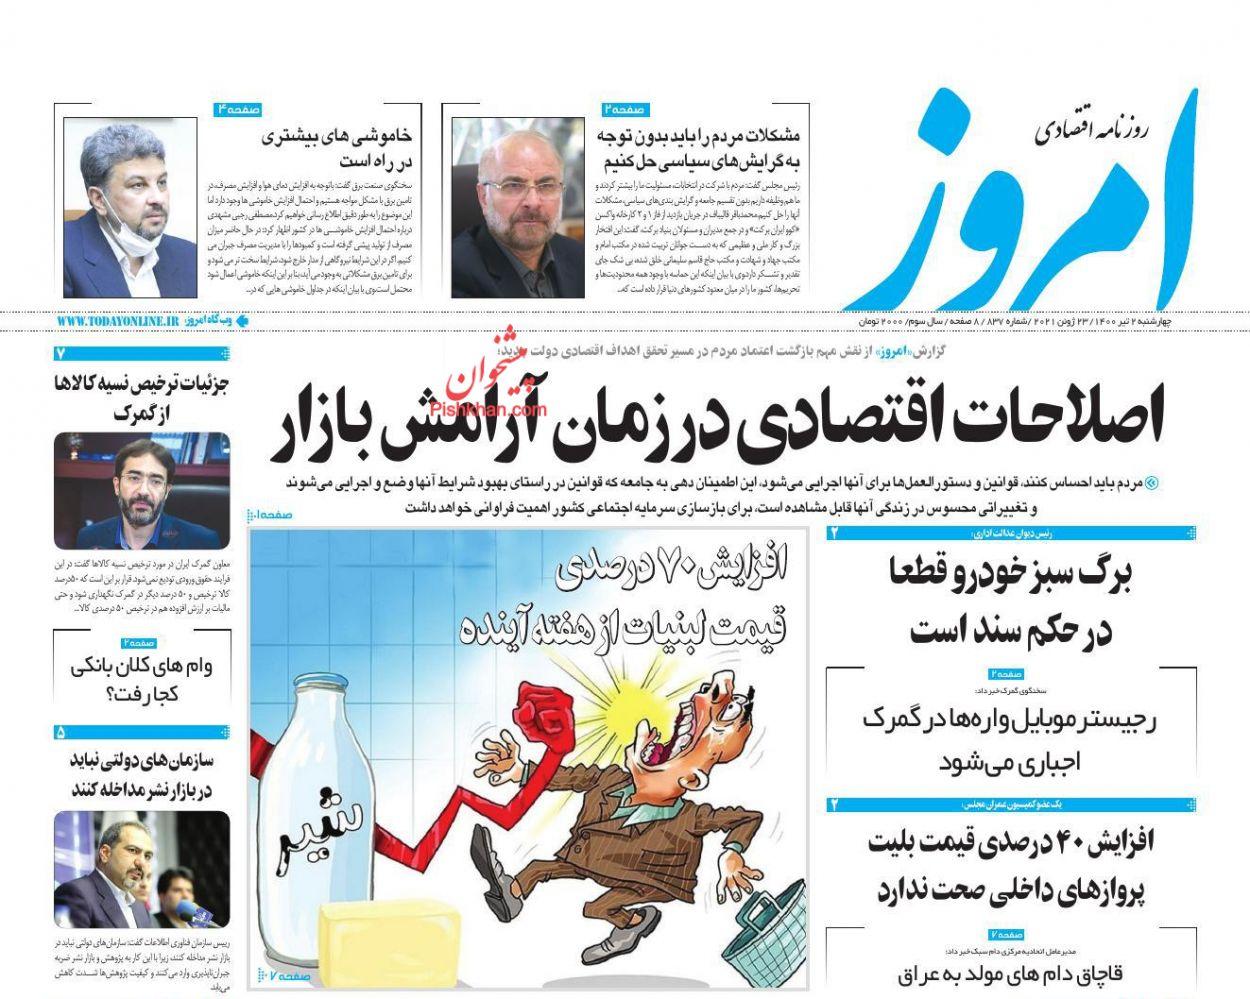 عناوین اخبار روزنامه امروز در روز چهارشنبه ۲ تیر